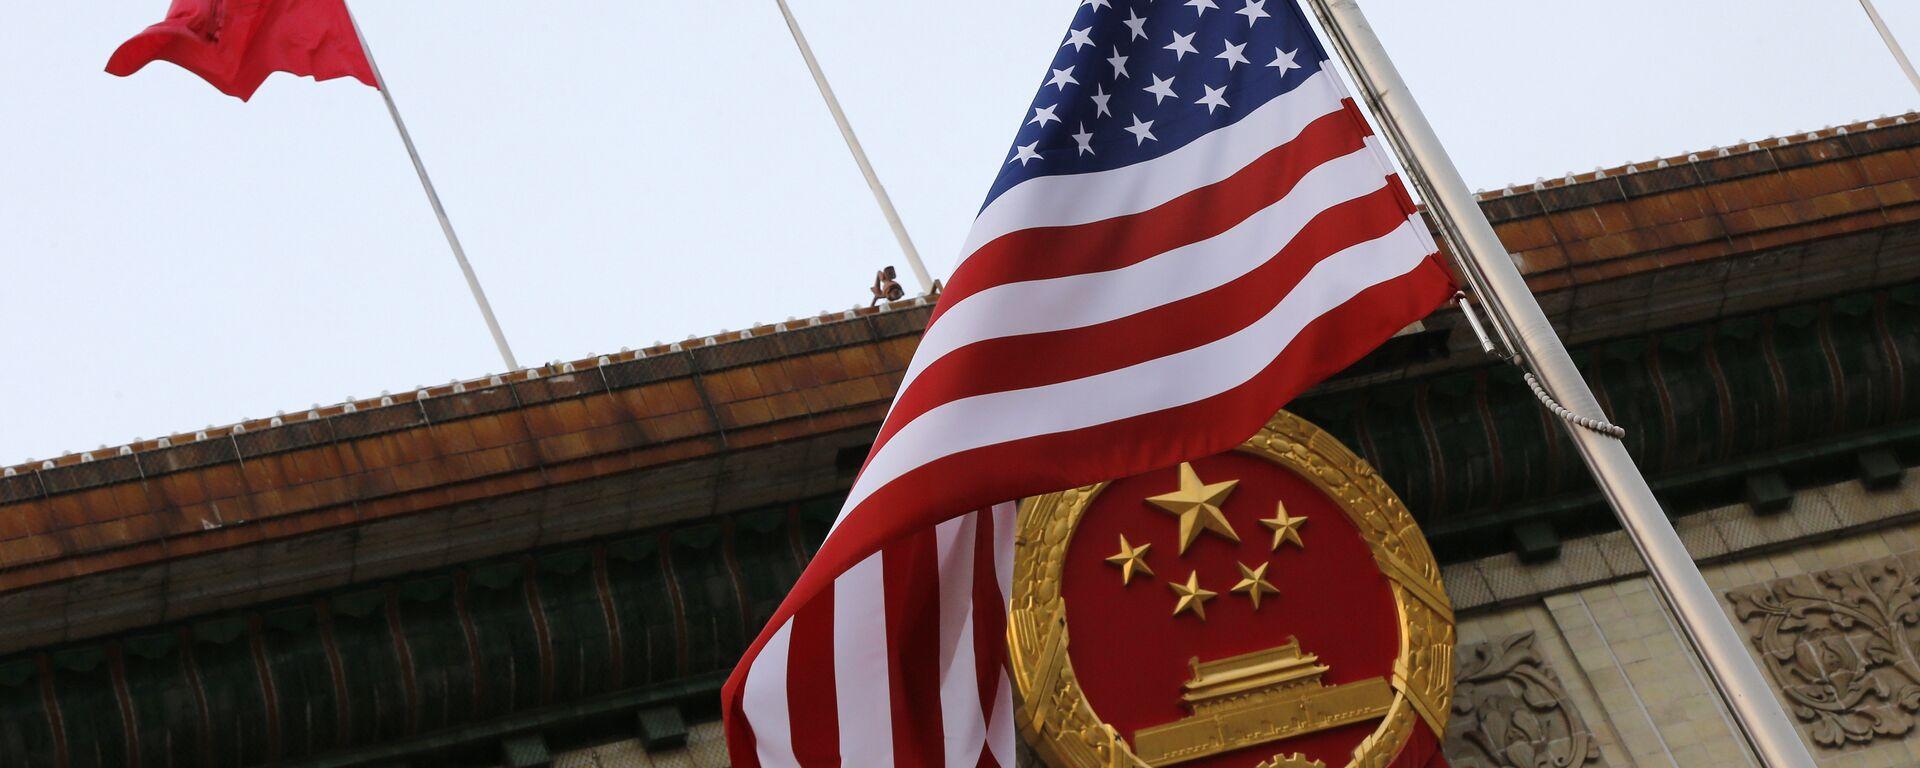 Кина активирала ново оружје против Америке... - Sputnik Србија, 1920, 06.02.2021